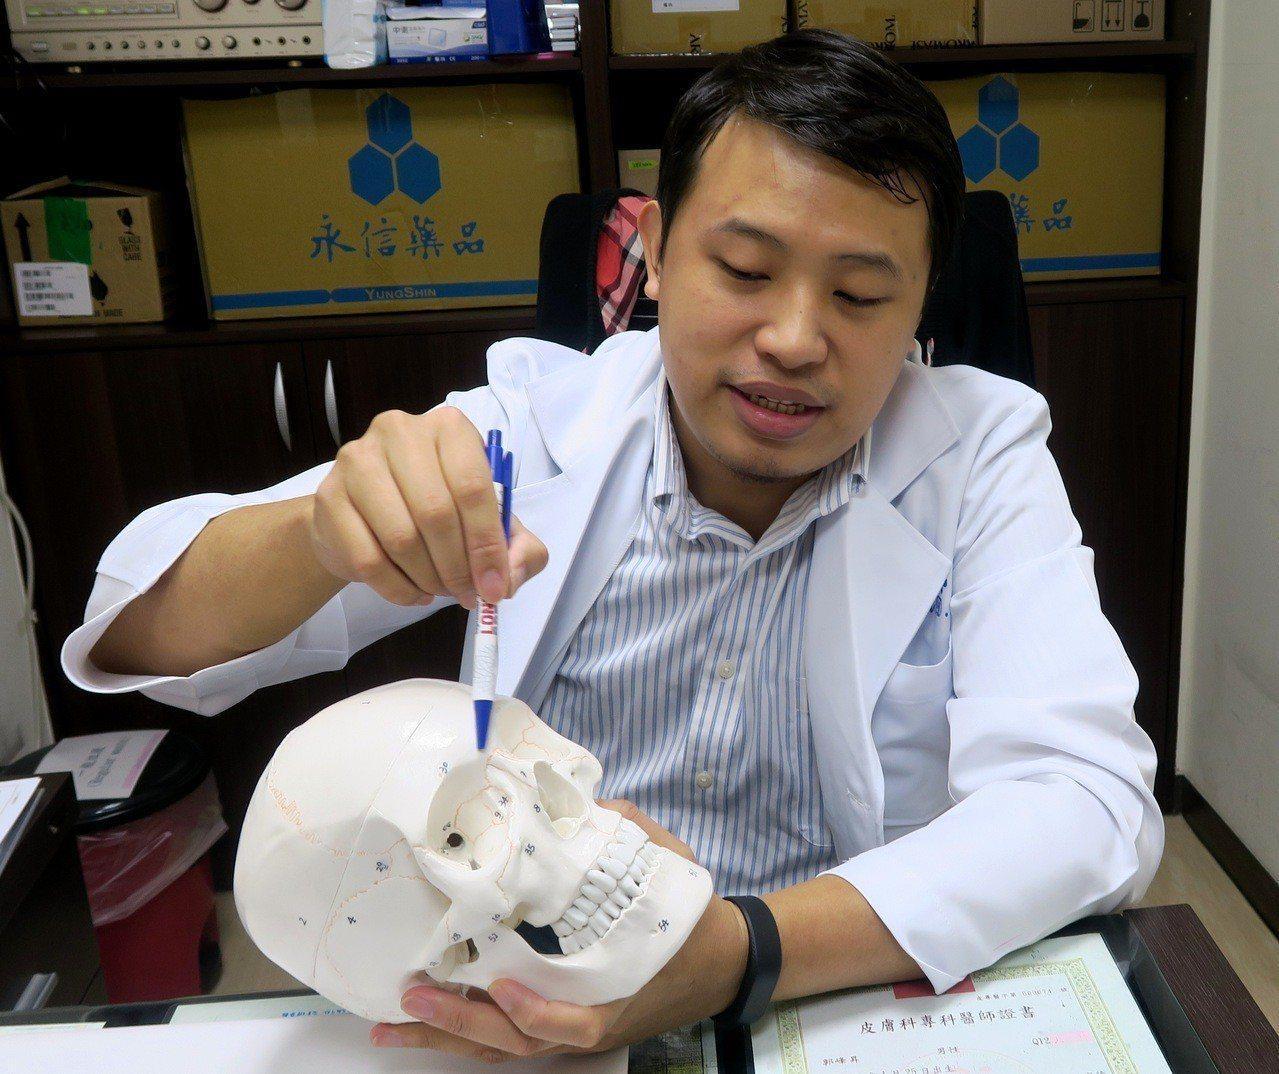 衛福部彰化醫院整形外科醫師呂明川說明患者50多年前,接受植入矽膠鼻植體的隆鼻手術...